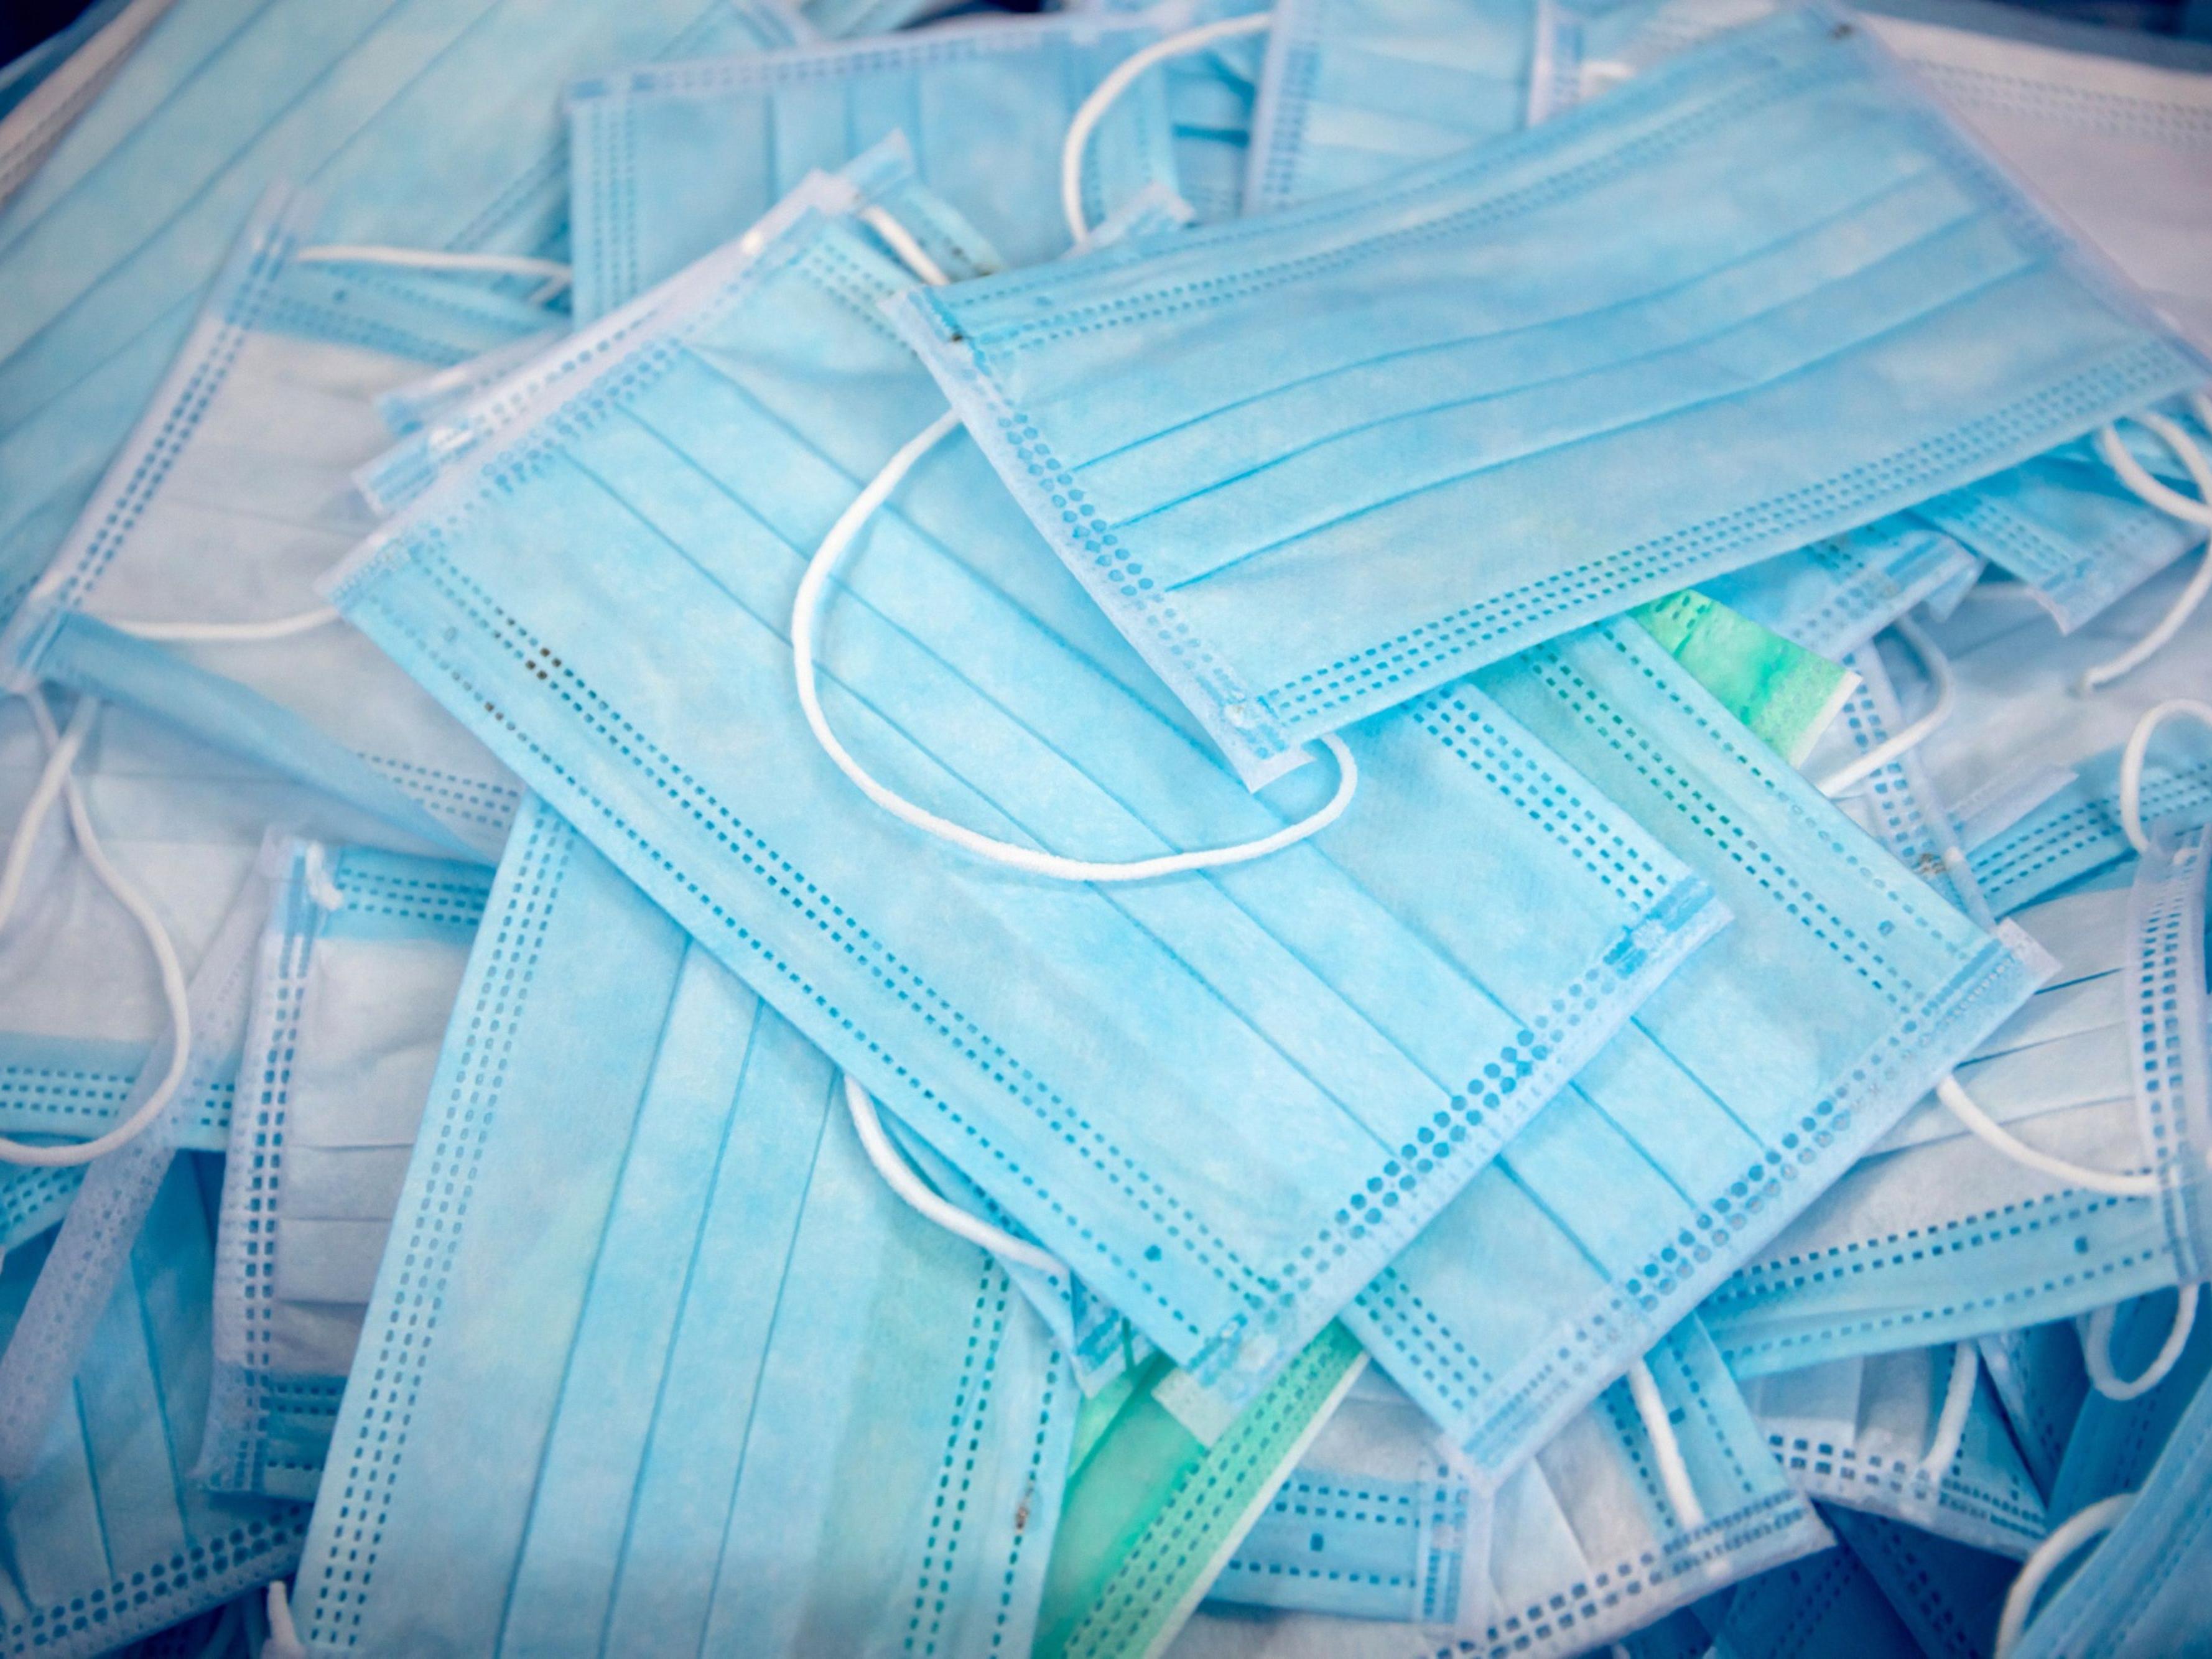 0331 underwearmakerschurnmasks